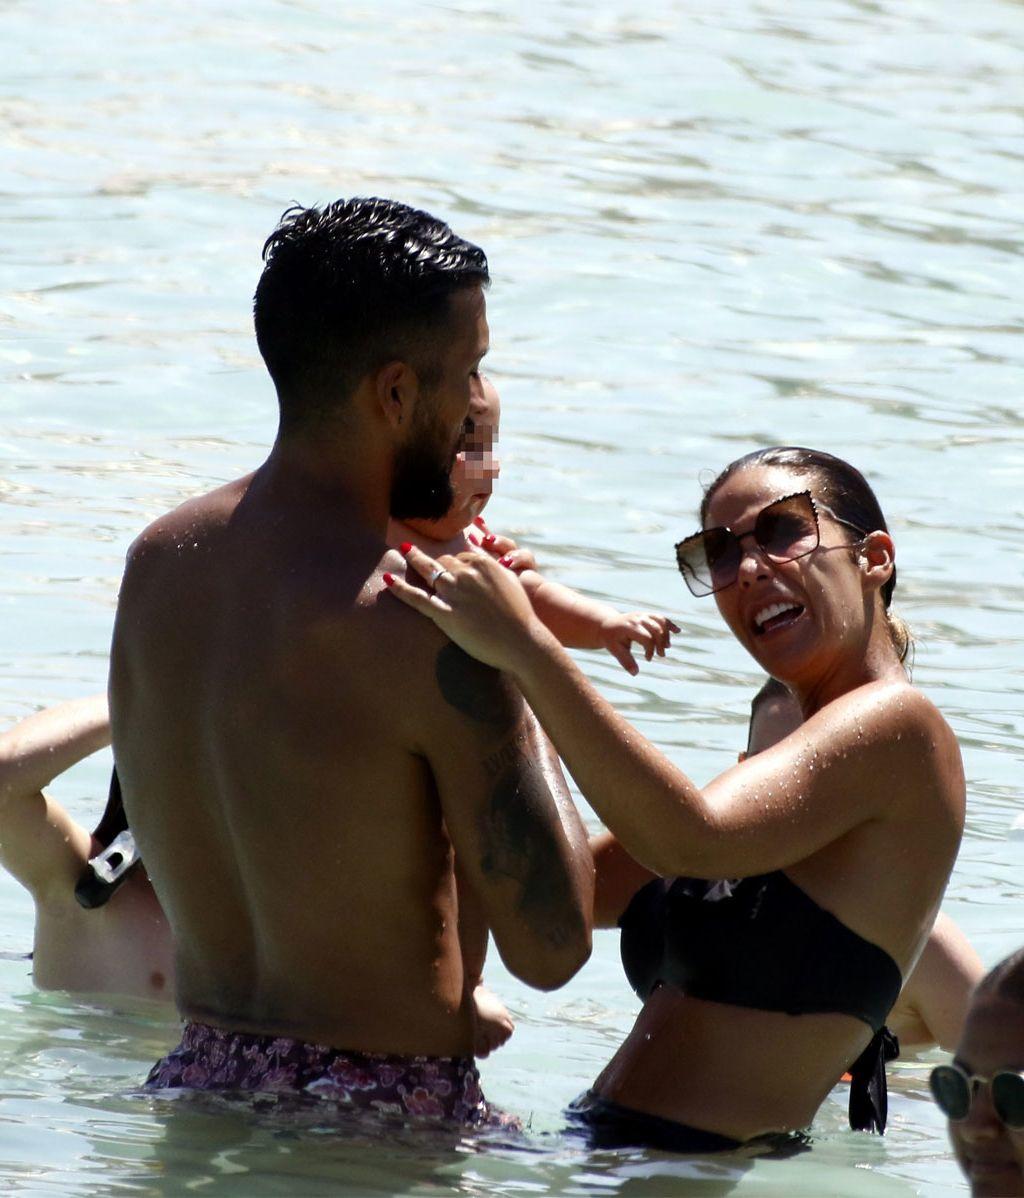 El 'bautismo' de Antonio en aguas ibicencas: el primer baño en el mar del hijo de Tamara Gorro y Ezequiel Garay